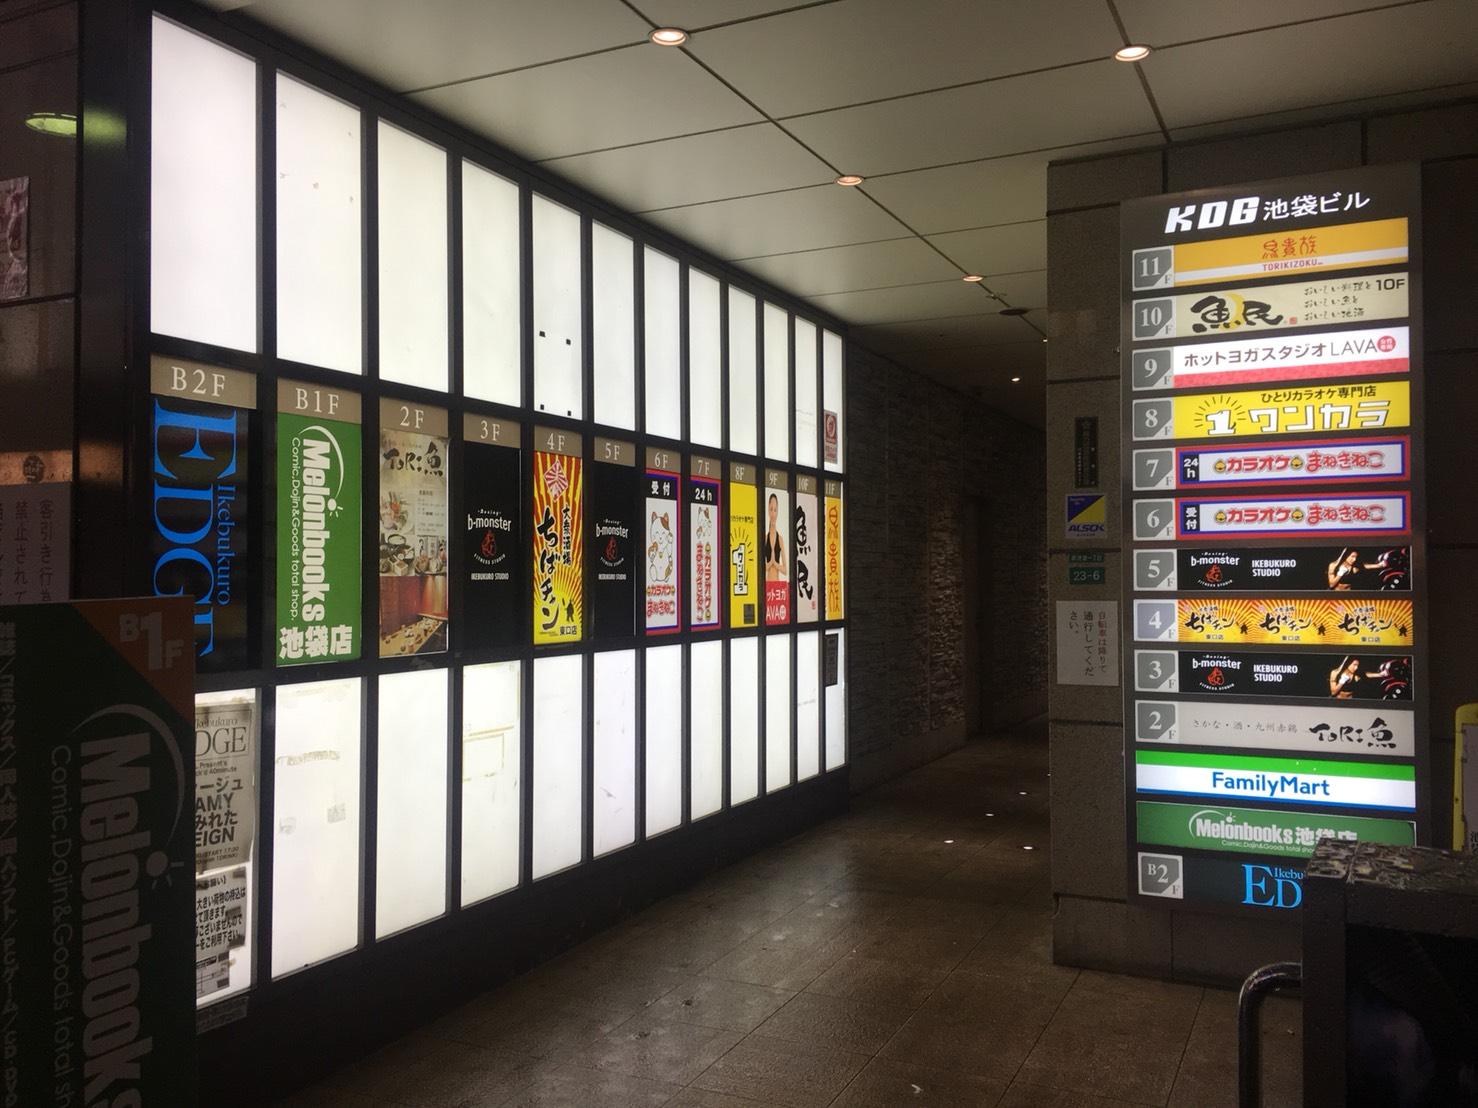 【池袋駅】落ち着いた少人数個室が使いやすい!九州料理もクオリティ高めの「TORI魚 池袋本店」のビル入口